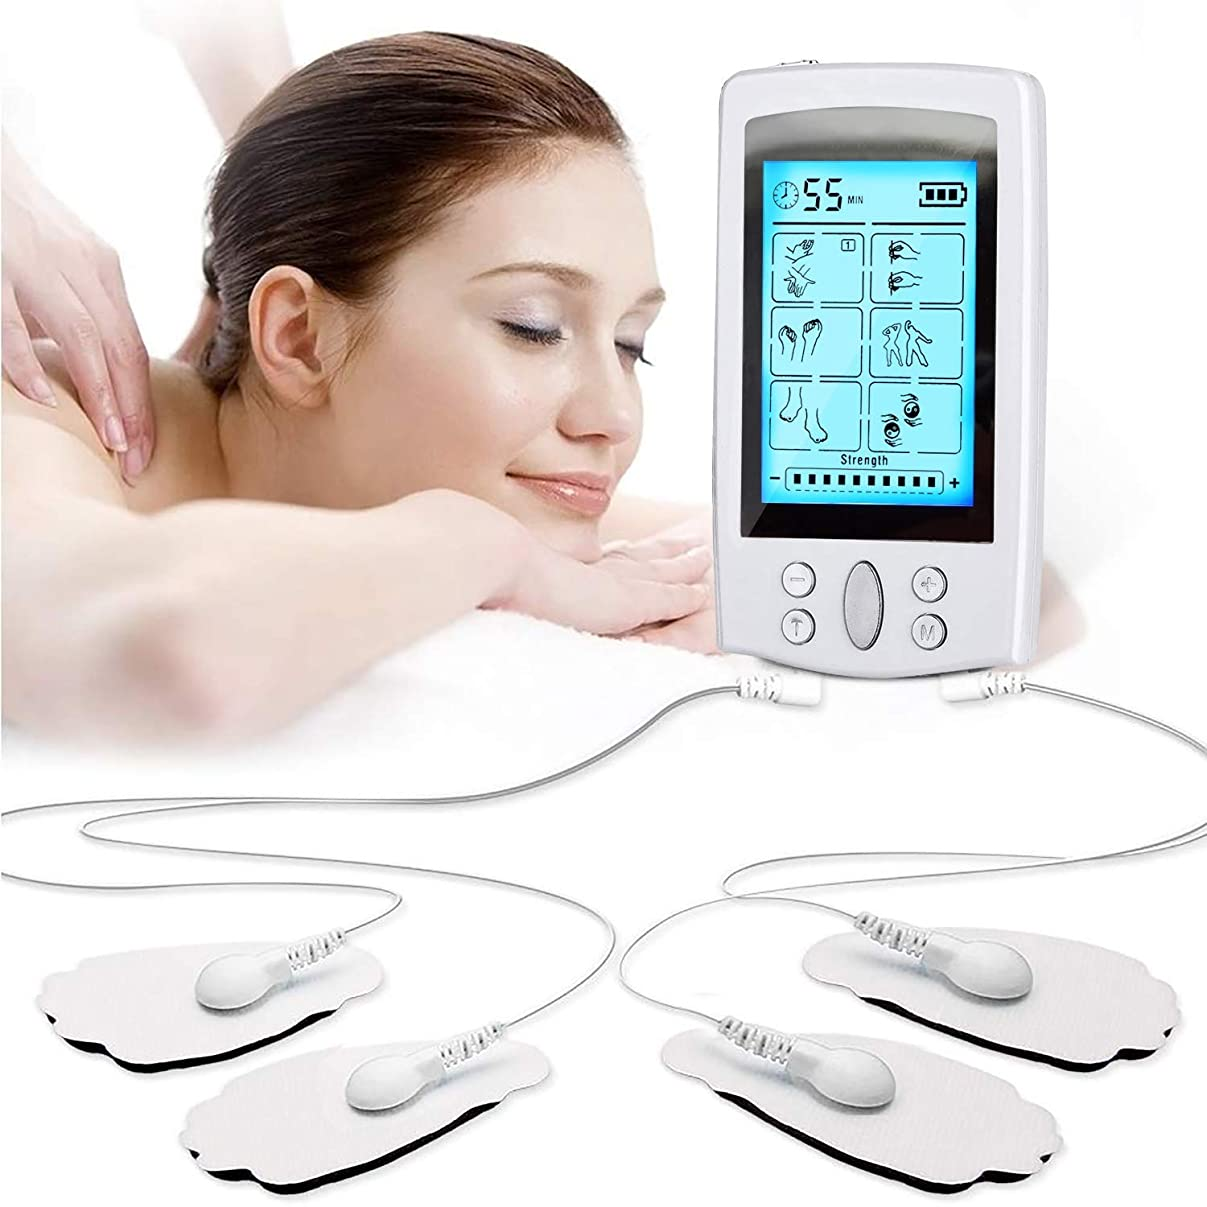 荒らす遊具ビジネスEMS/TENS刺激装置デジタル、 携帯用ヘルスケアボディ電気単位および筋肉刺激装置、電極パッドが付いている12のモード20レベル筋肉刺激のマッサージャー